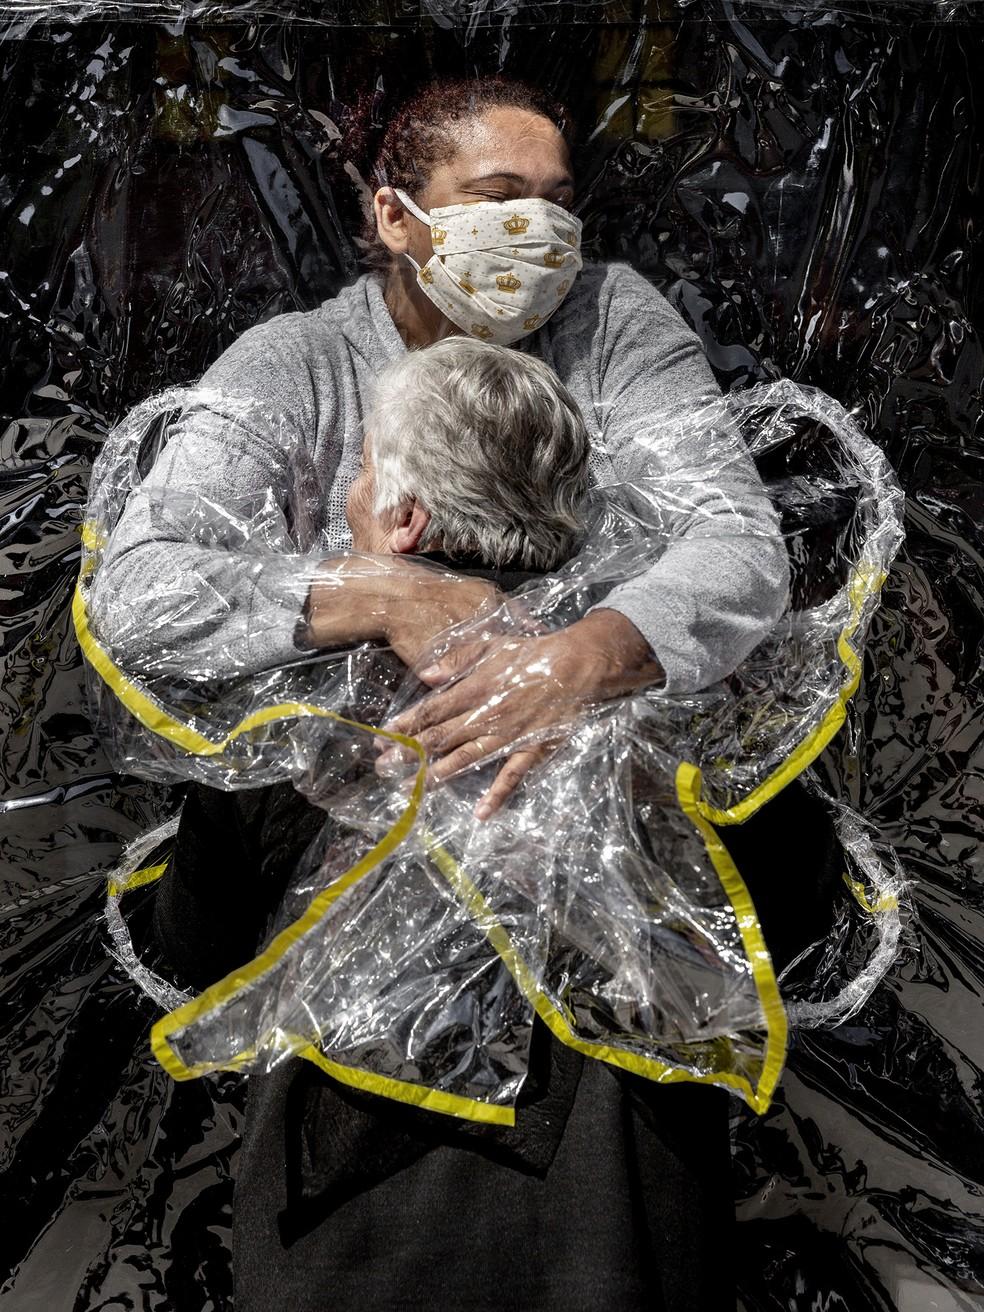 Abraço de cuidadora e idosa ganha prêmio internacional de fotografia. Na imagem, Rosa Lunardi, de 85 anos, recebe abraço da enfermeira Adriana Silva da Costa Souza na casa de repouso Viva Bem em São Paulo, em 5 de agosto de 2020 — Foto: Mads Nissen/Politiken/Panos Pictures/World Press Photo via AP